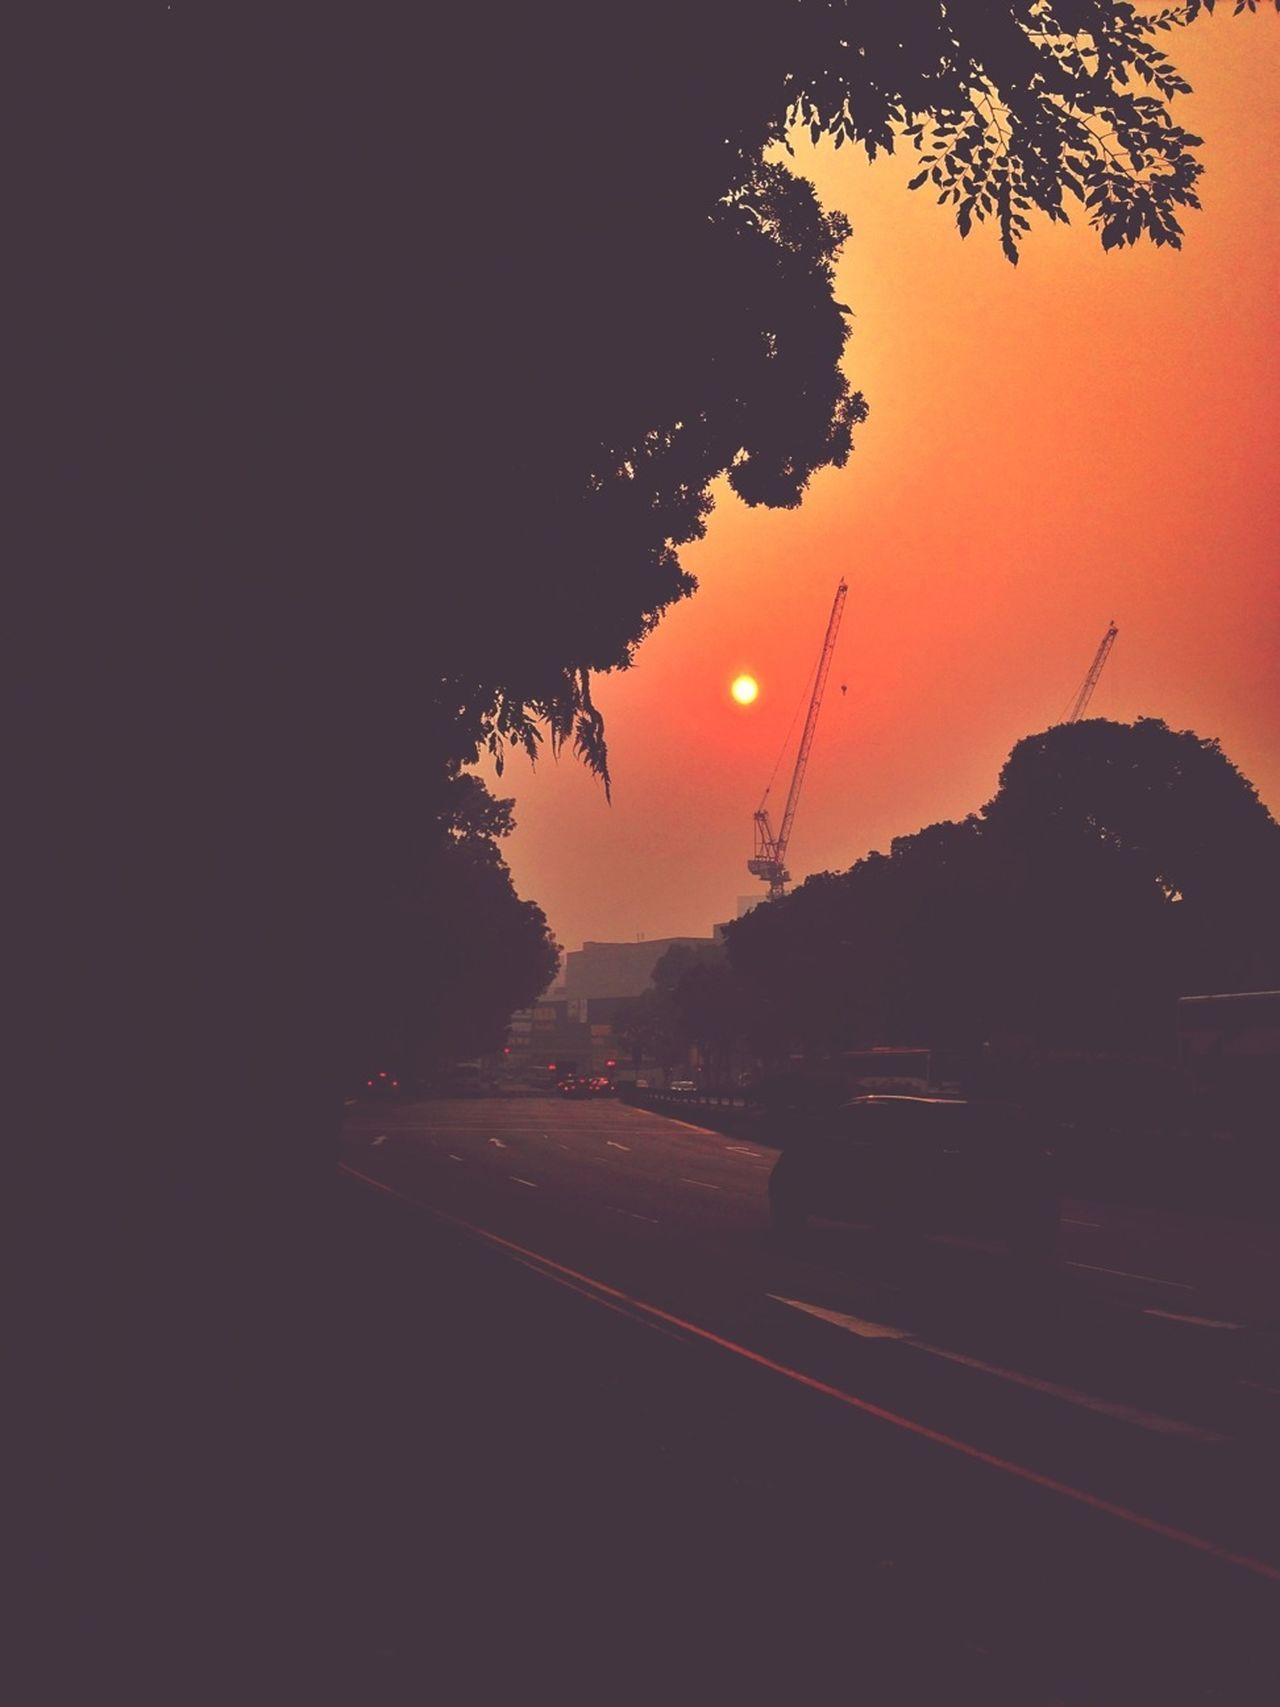 Hazy Days